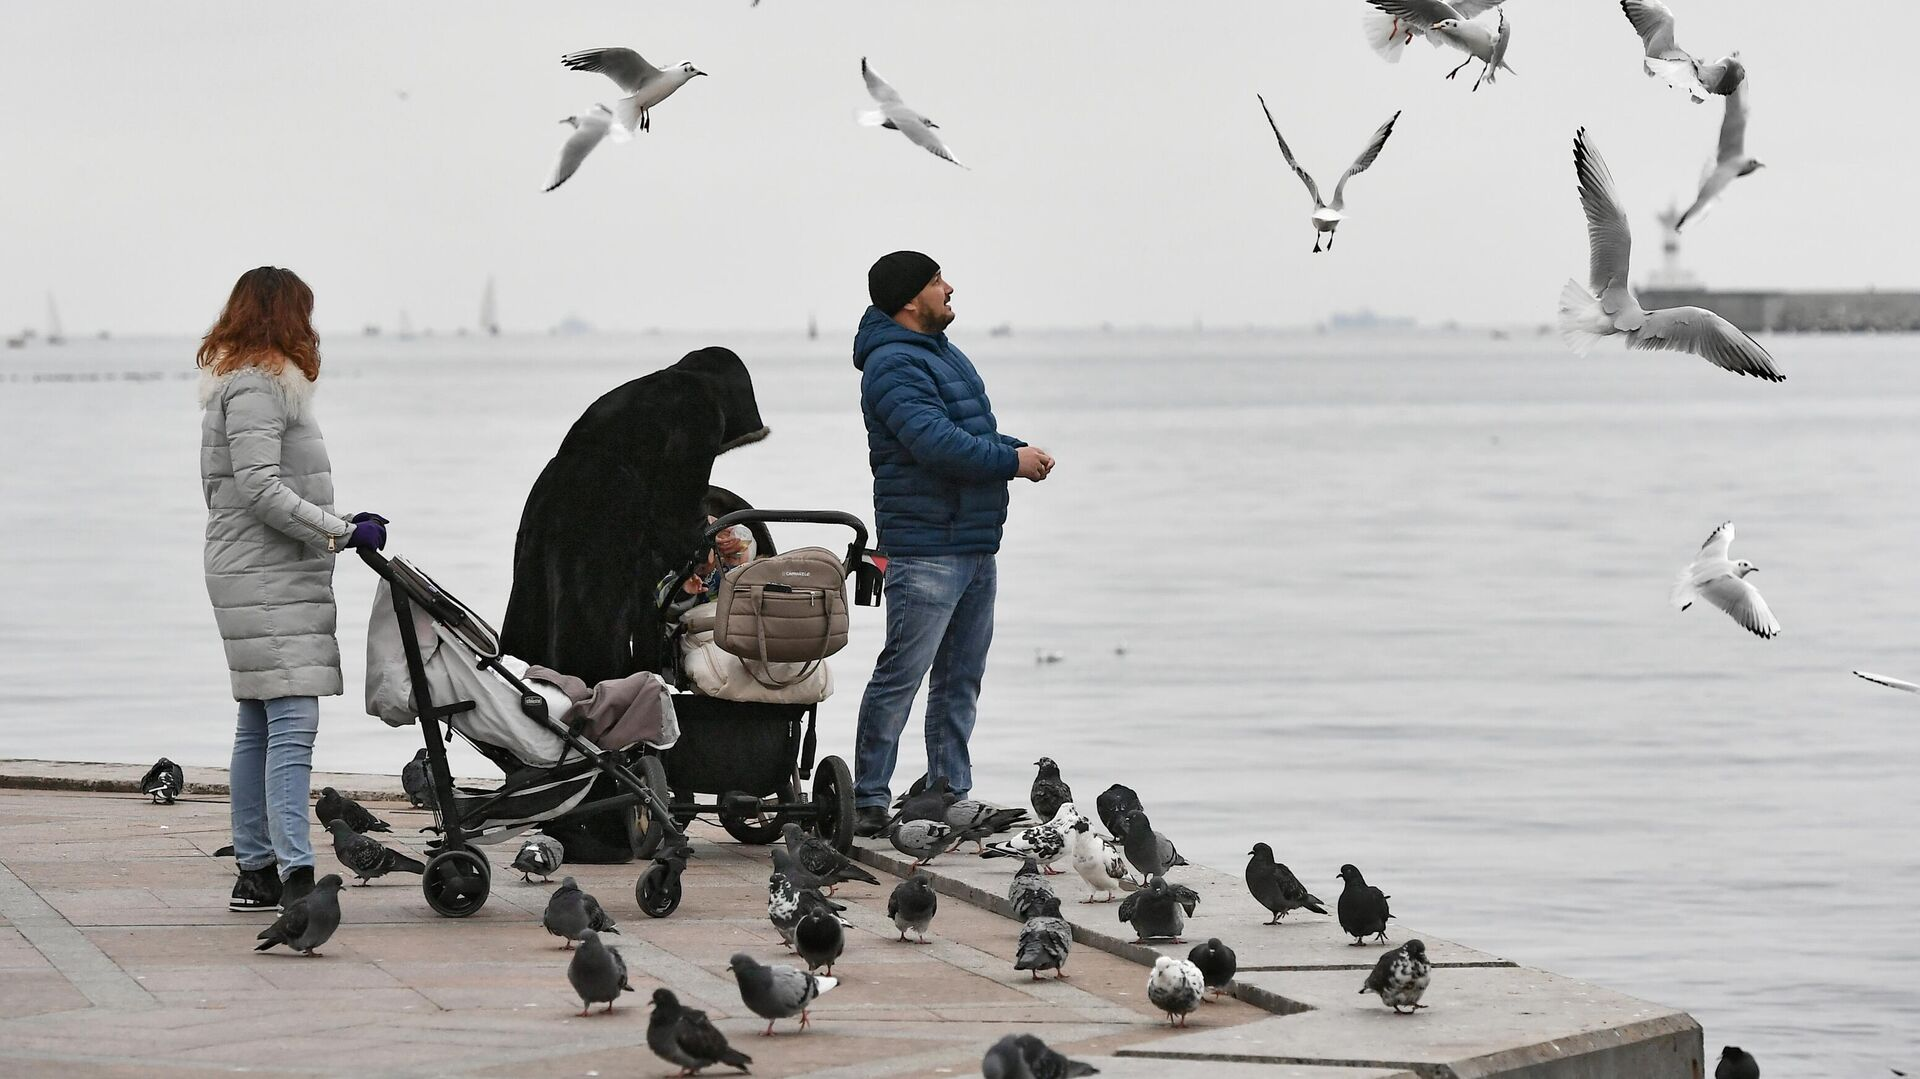 Люди кормят чаек на набережной в Севастополе - РИА Новости, 1920, 05.04.2021